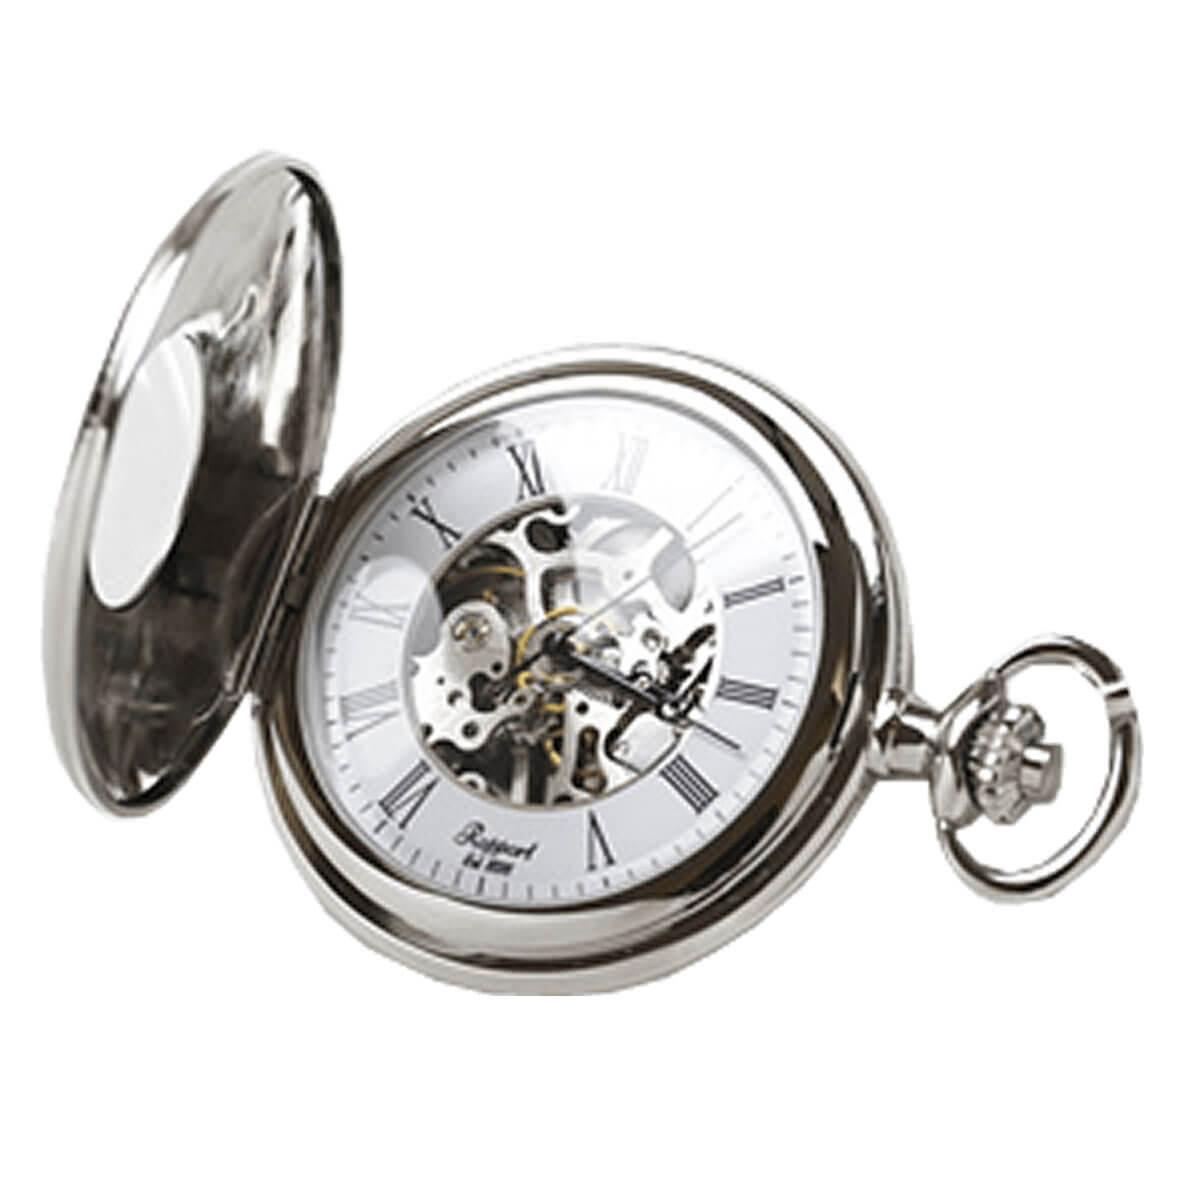 懐中時計と懐中時計専用スタンドのセット pw57